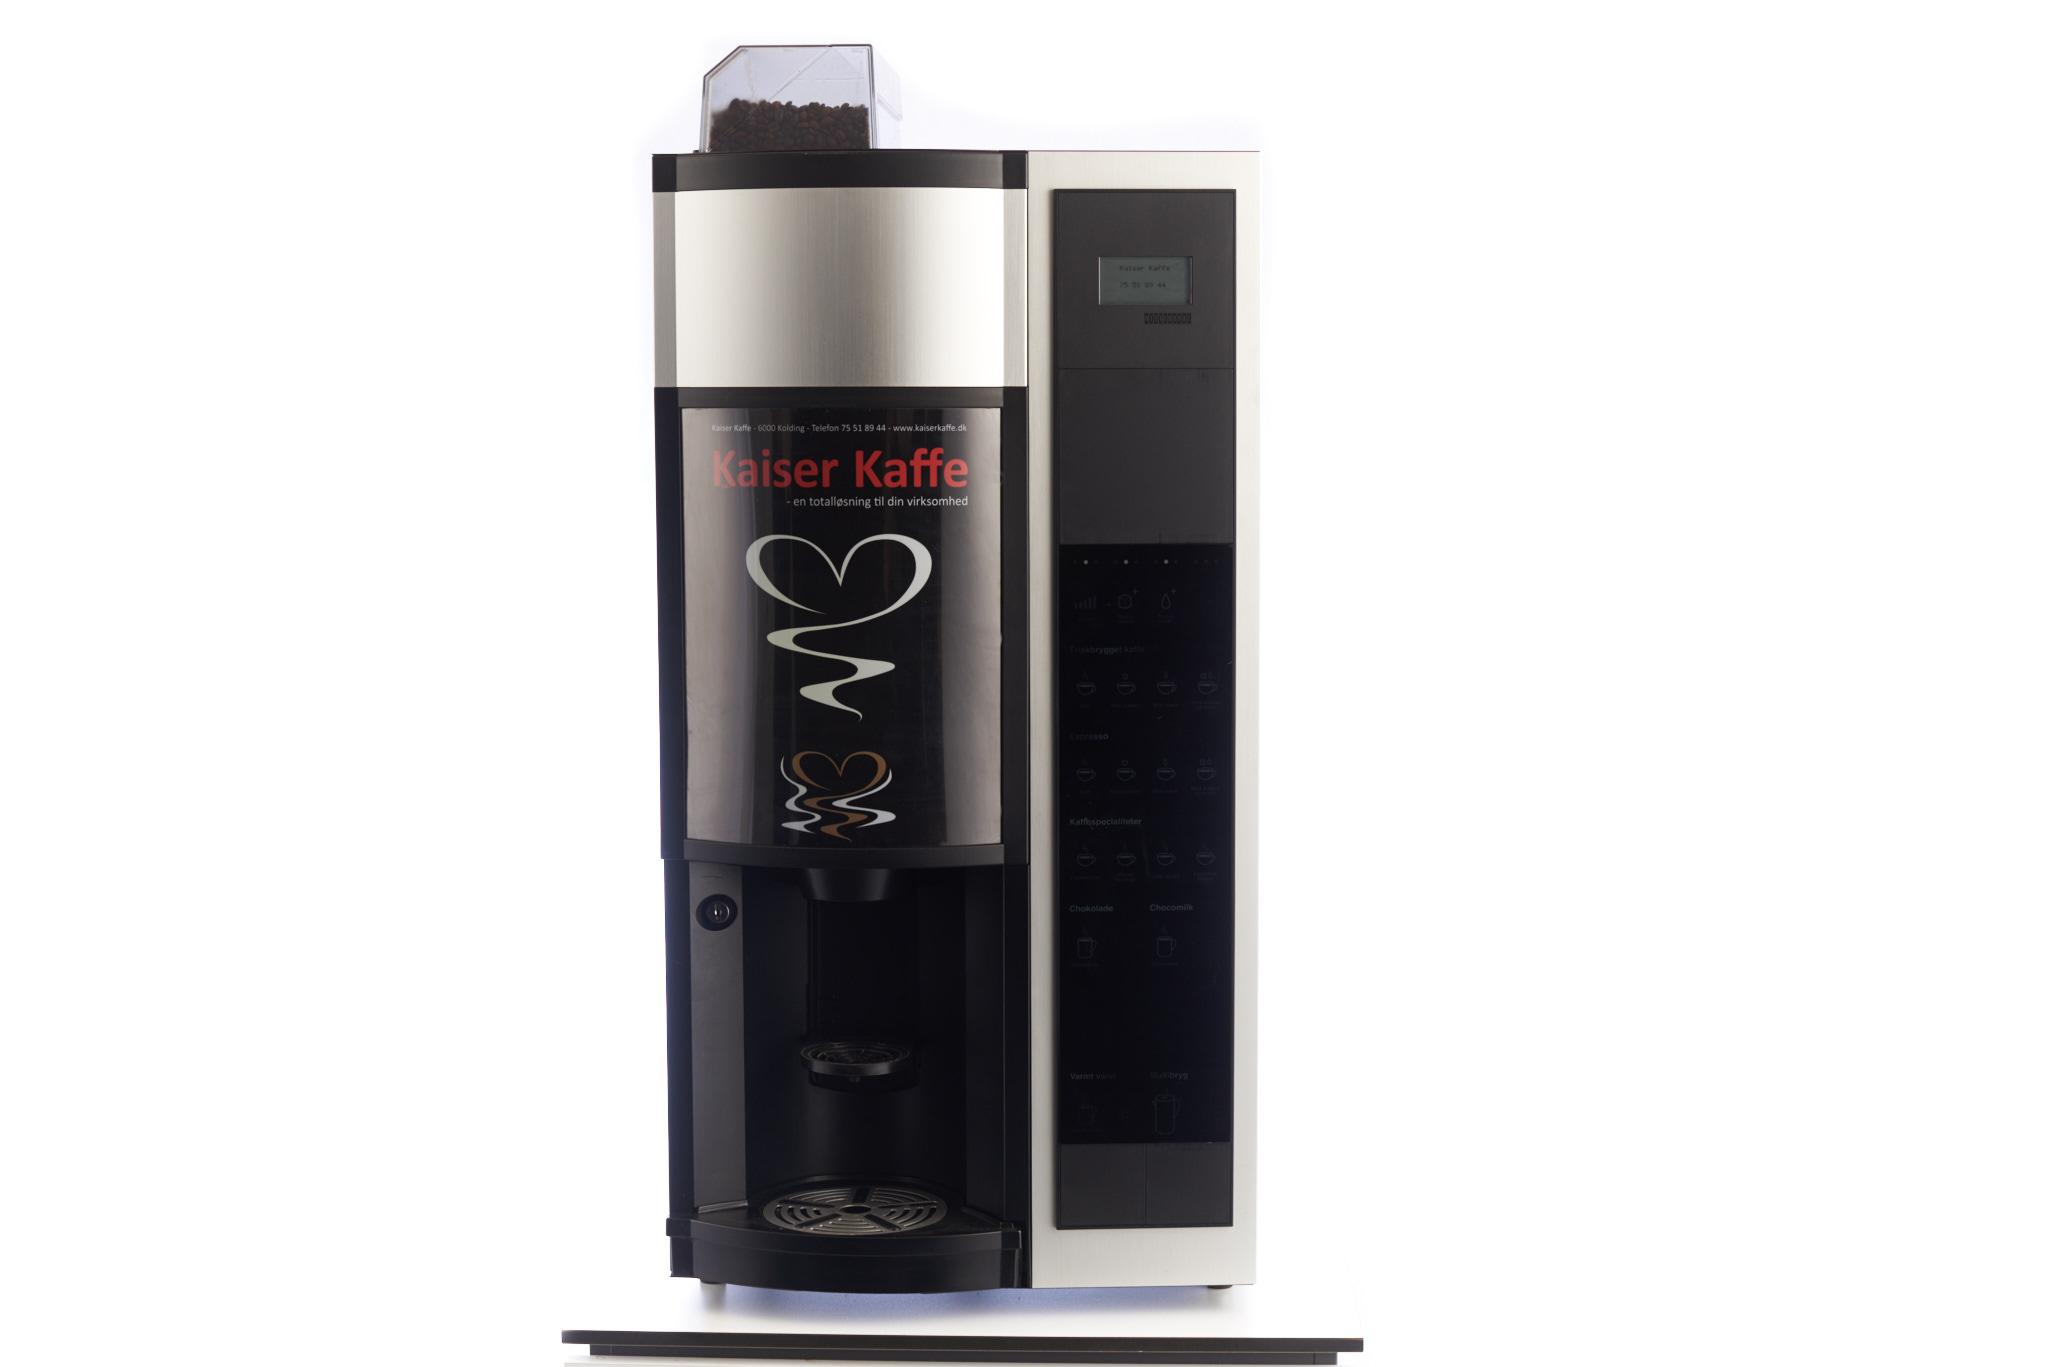 Kaiser Kaffe Wittenborg B2C7100 13143 - Produkt kategori